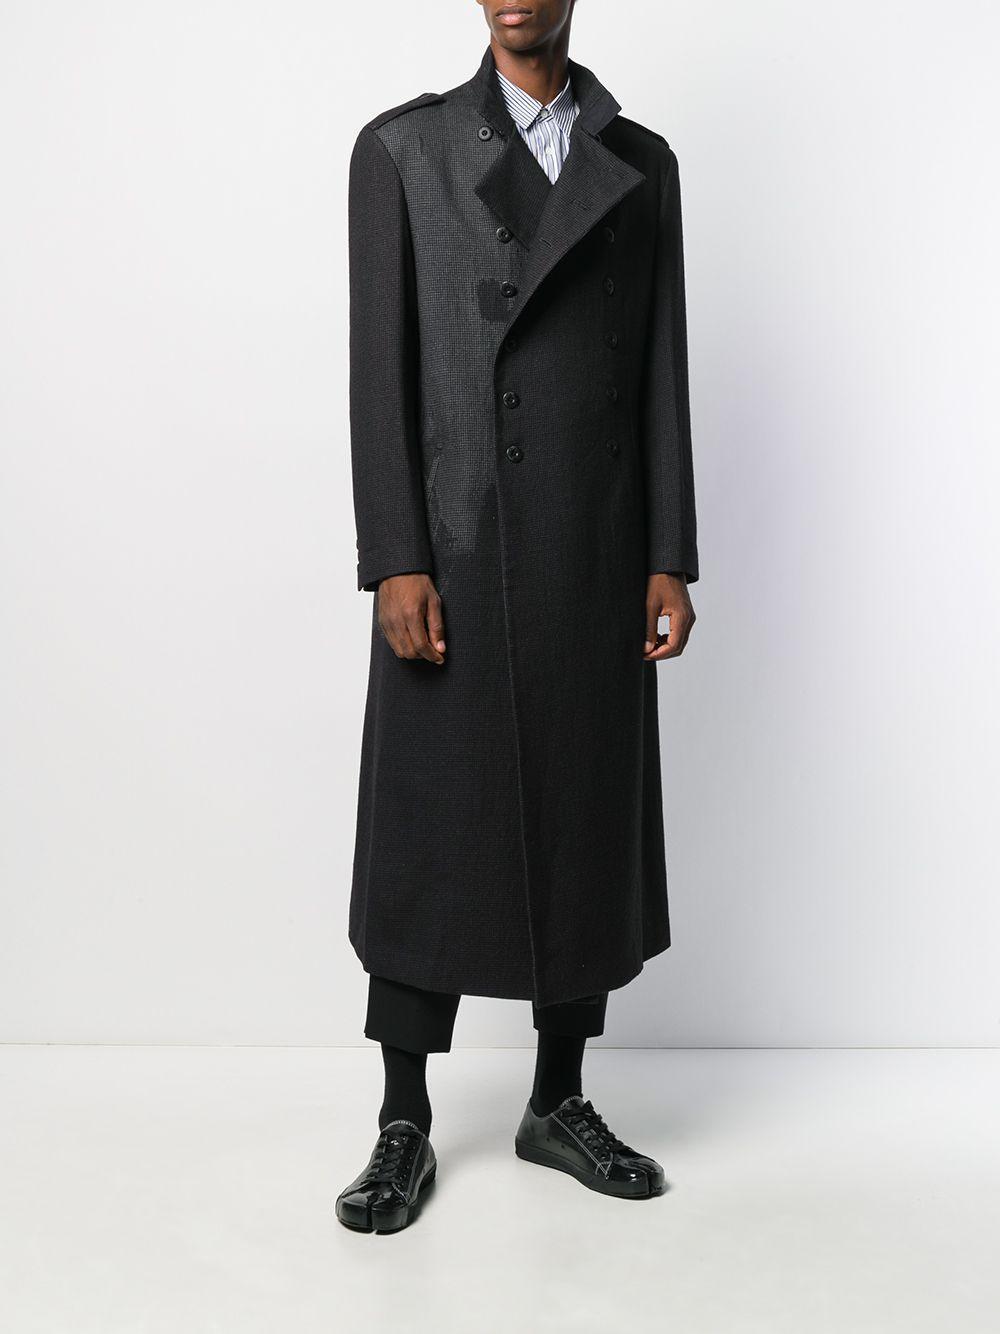 Yohji Yamamoto Wol Mantel Met Dubbele Rij Knopen in het Zwart voor heren